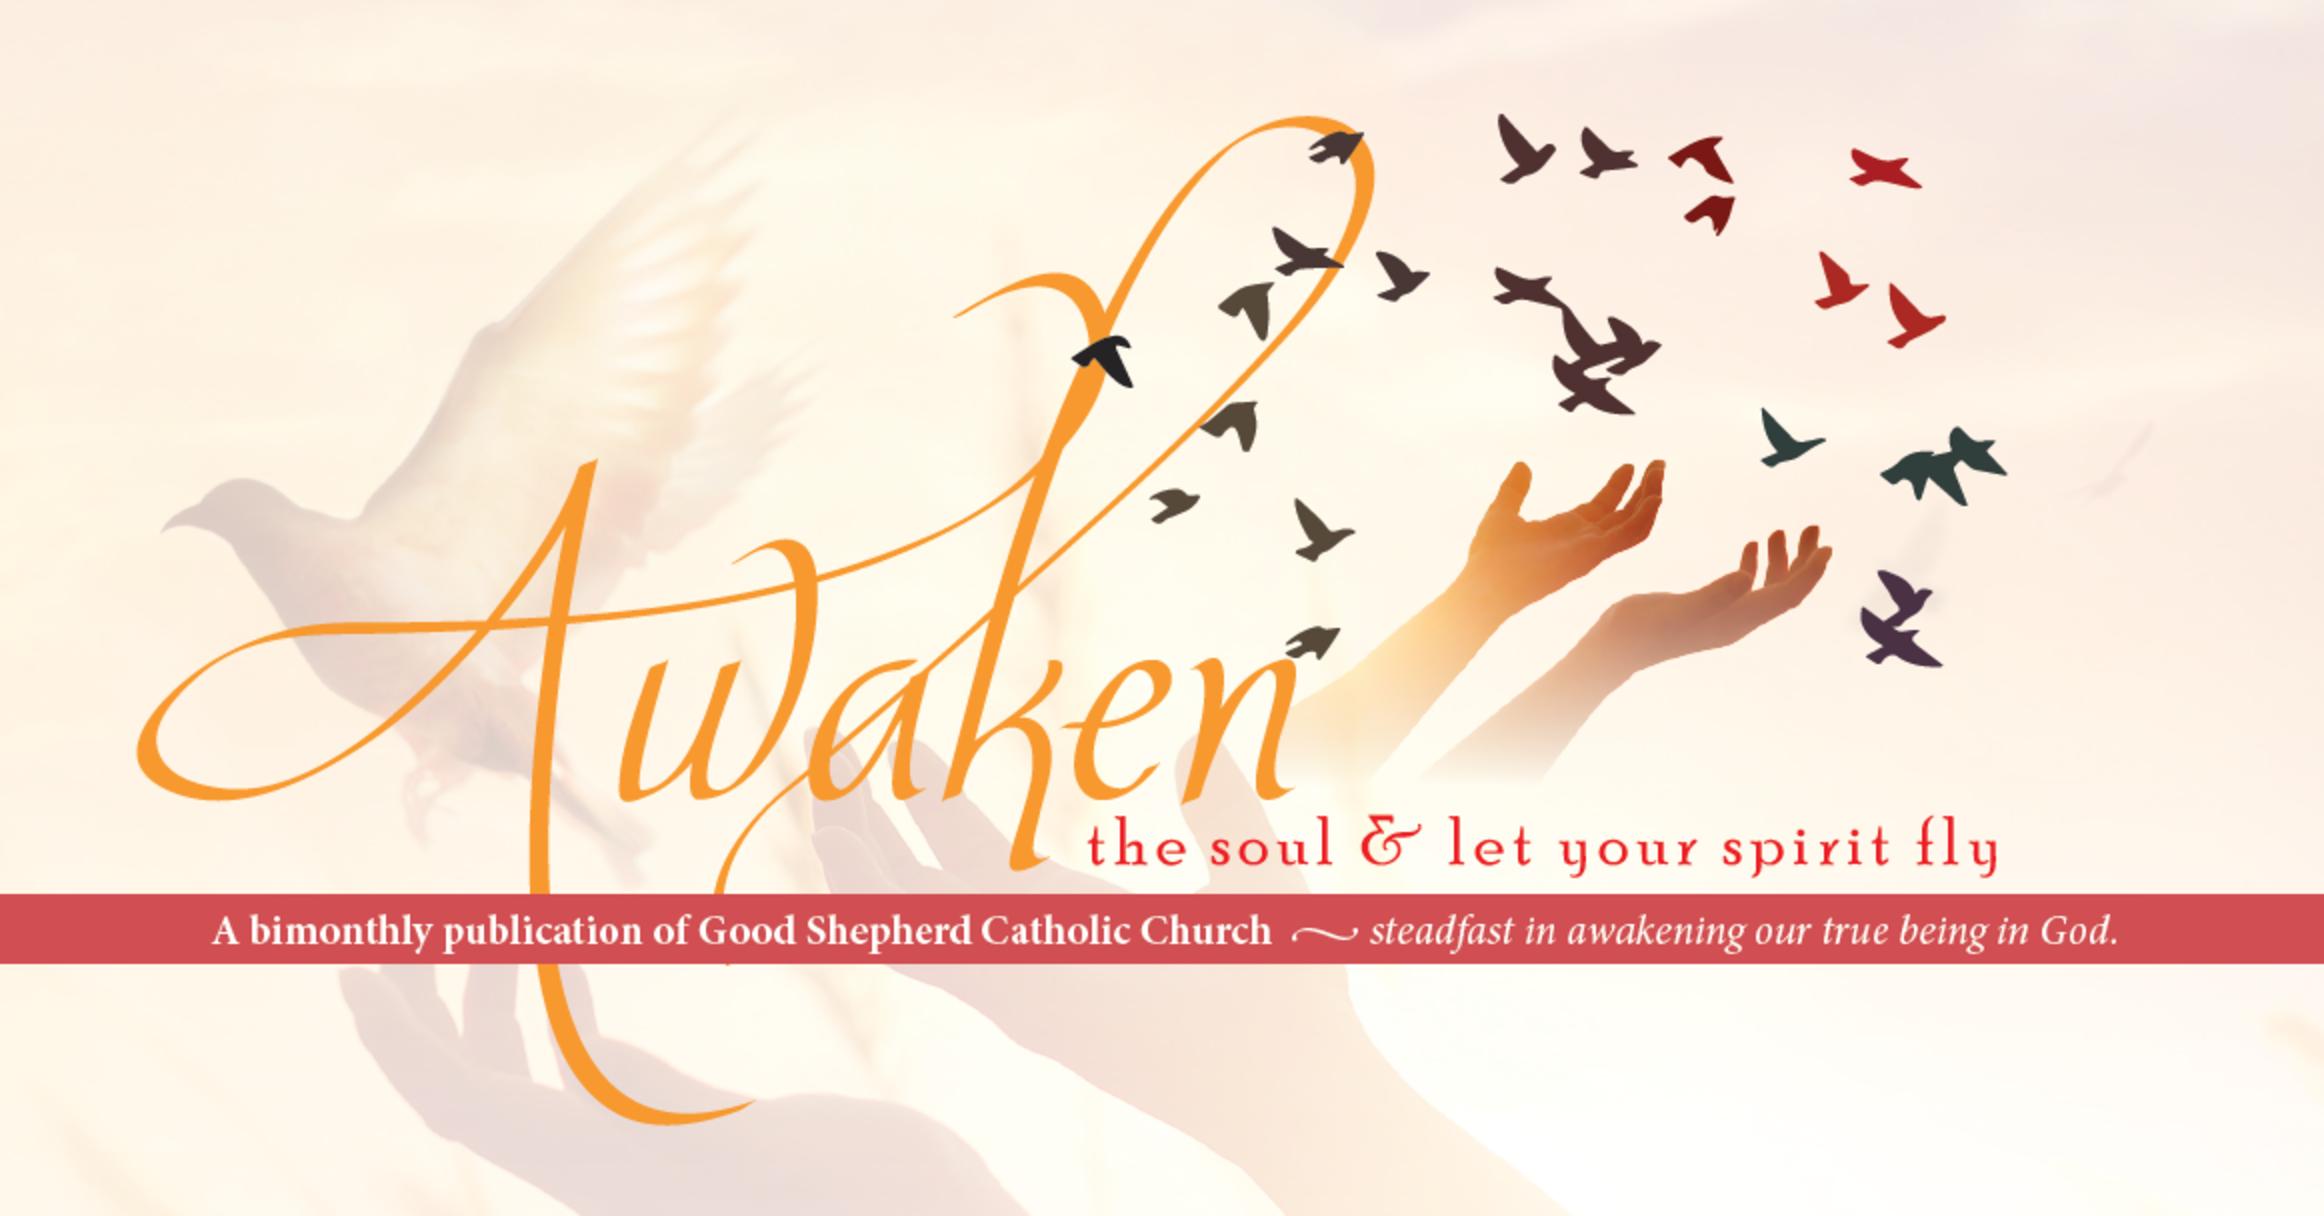 Awaken Nameplate Image